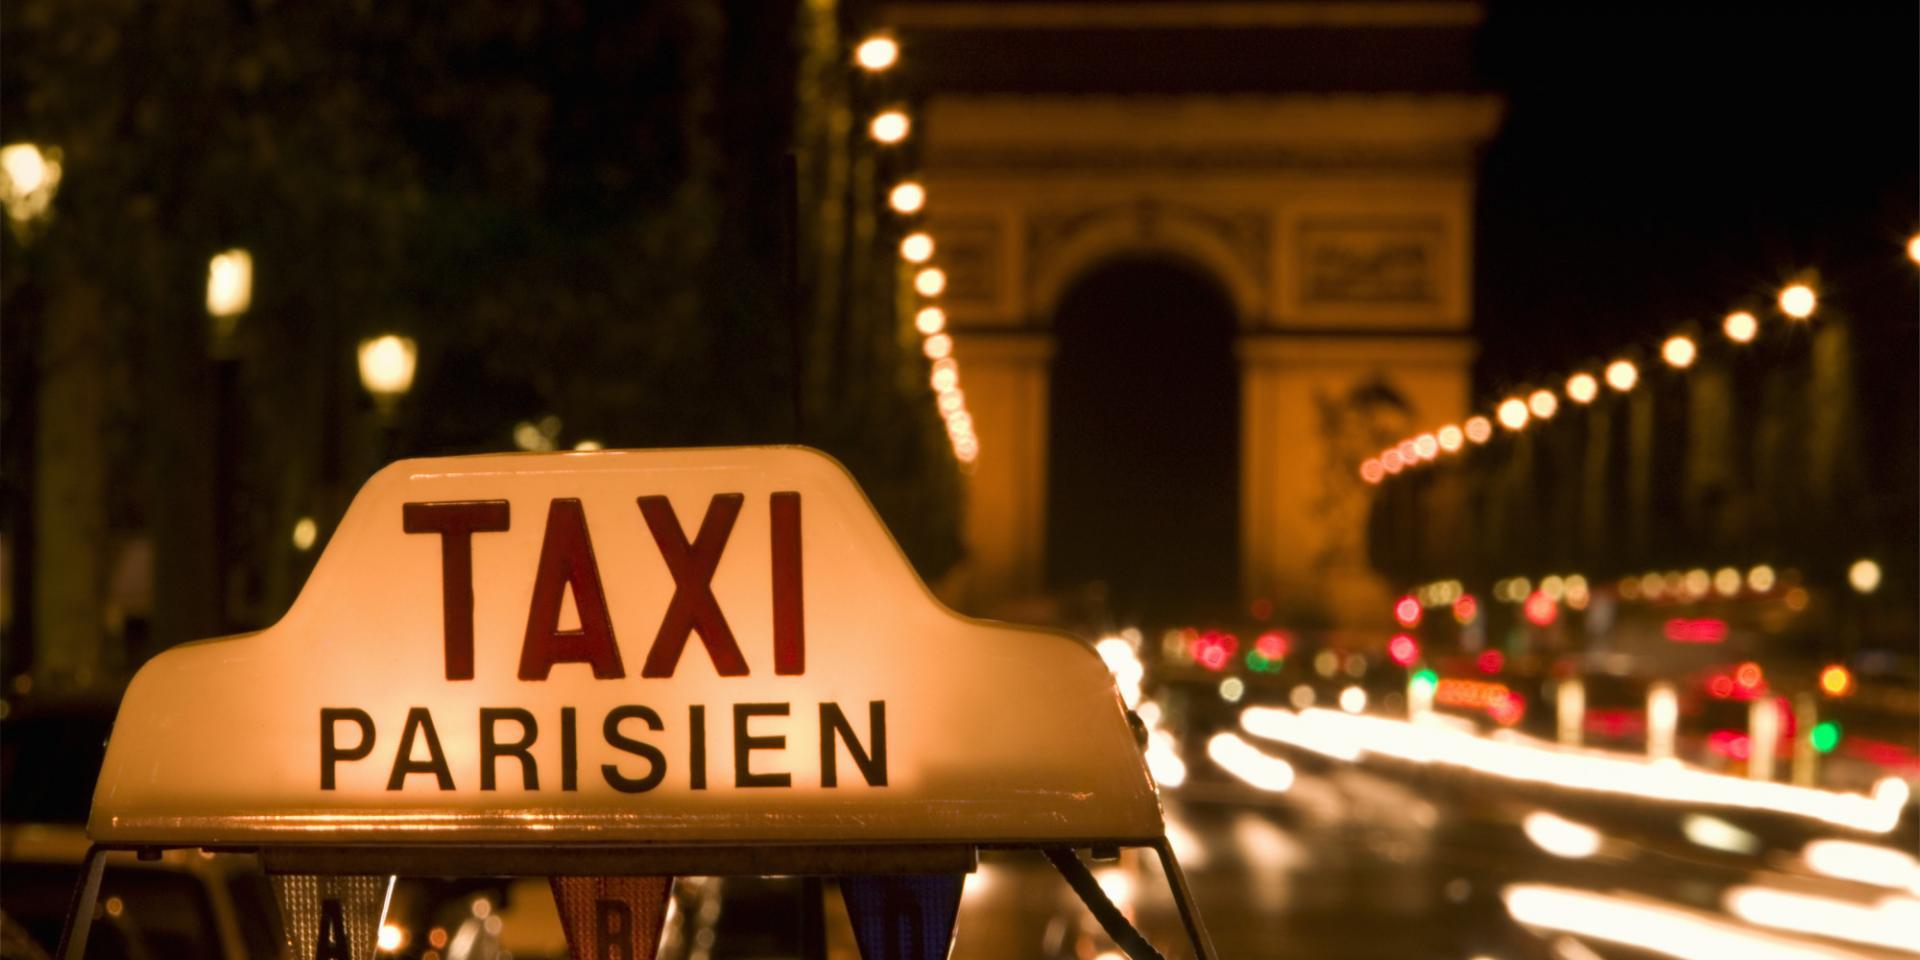 Taxi parisien sat31